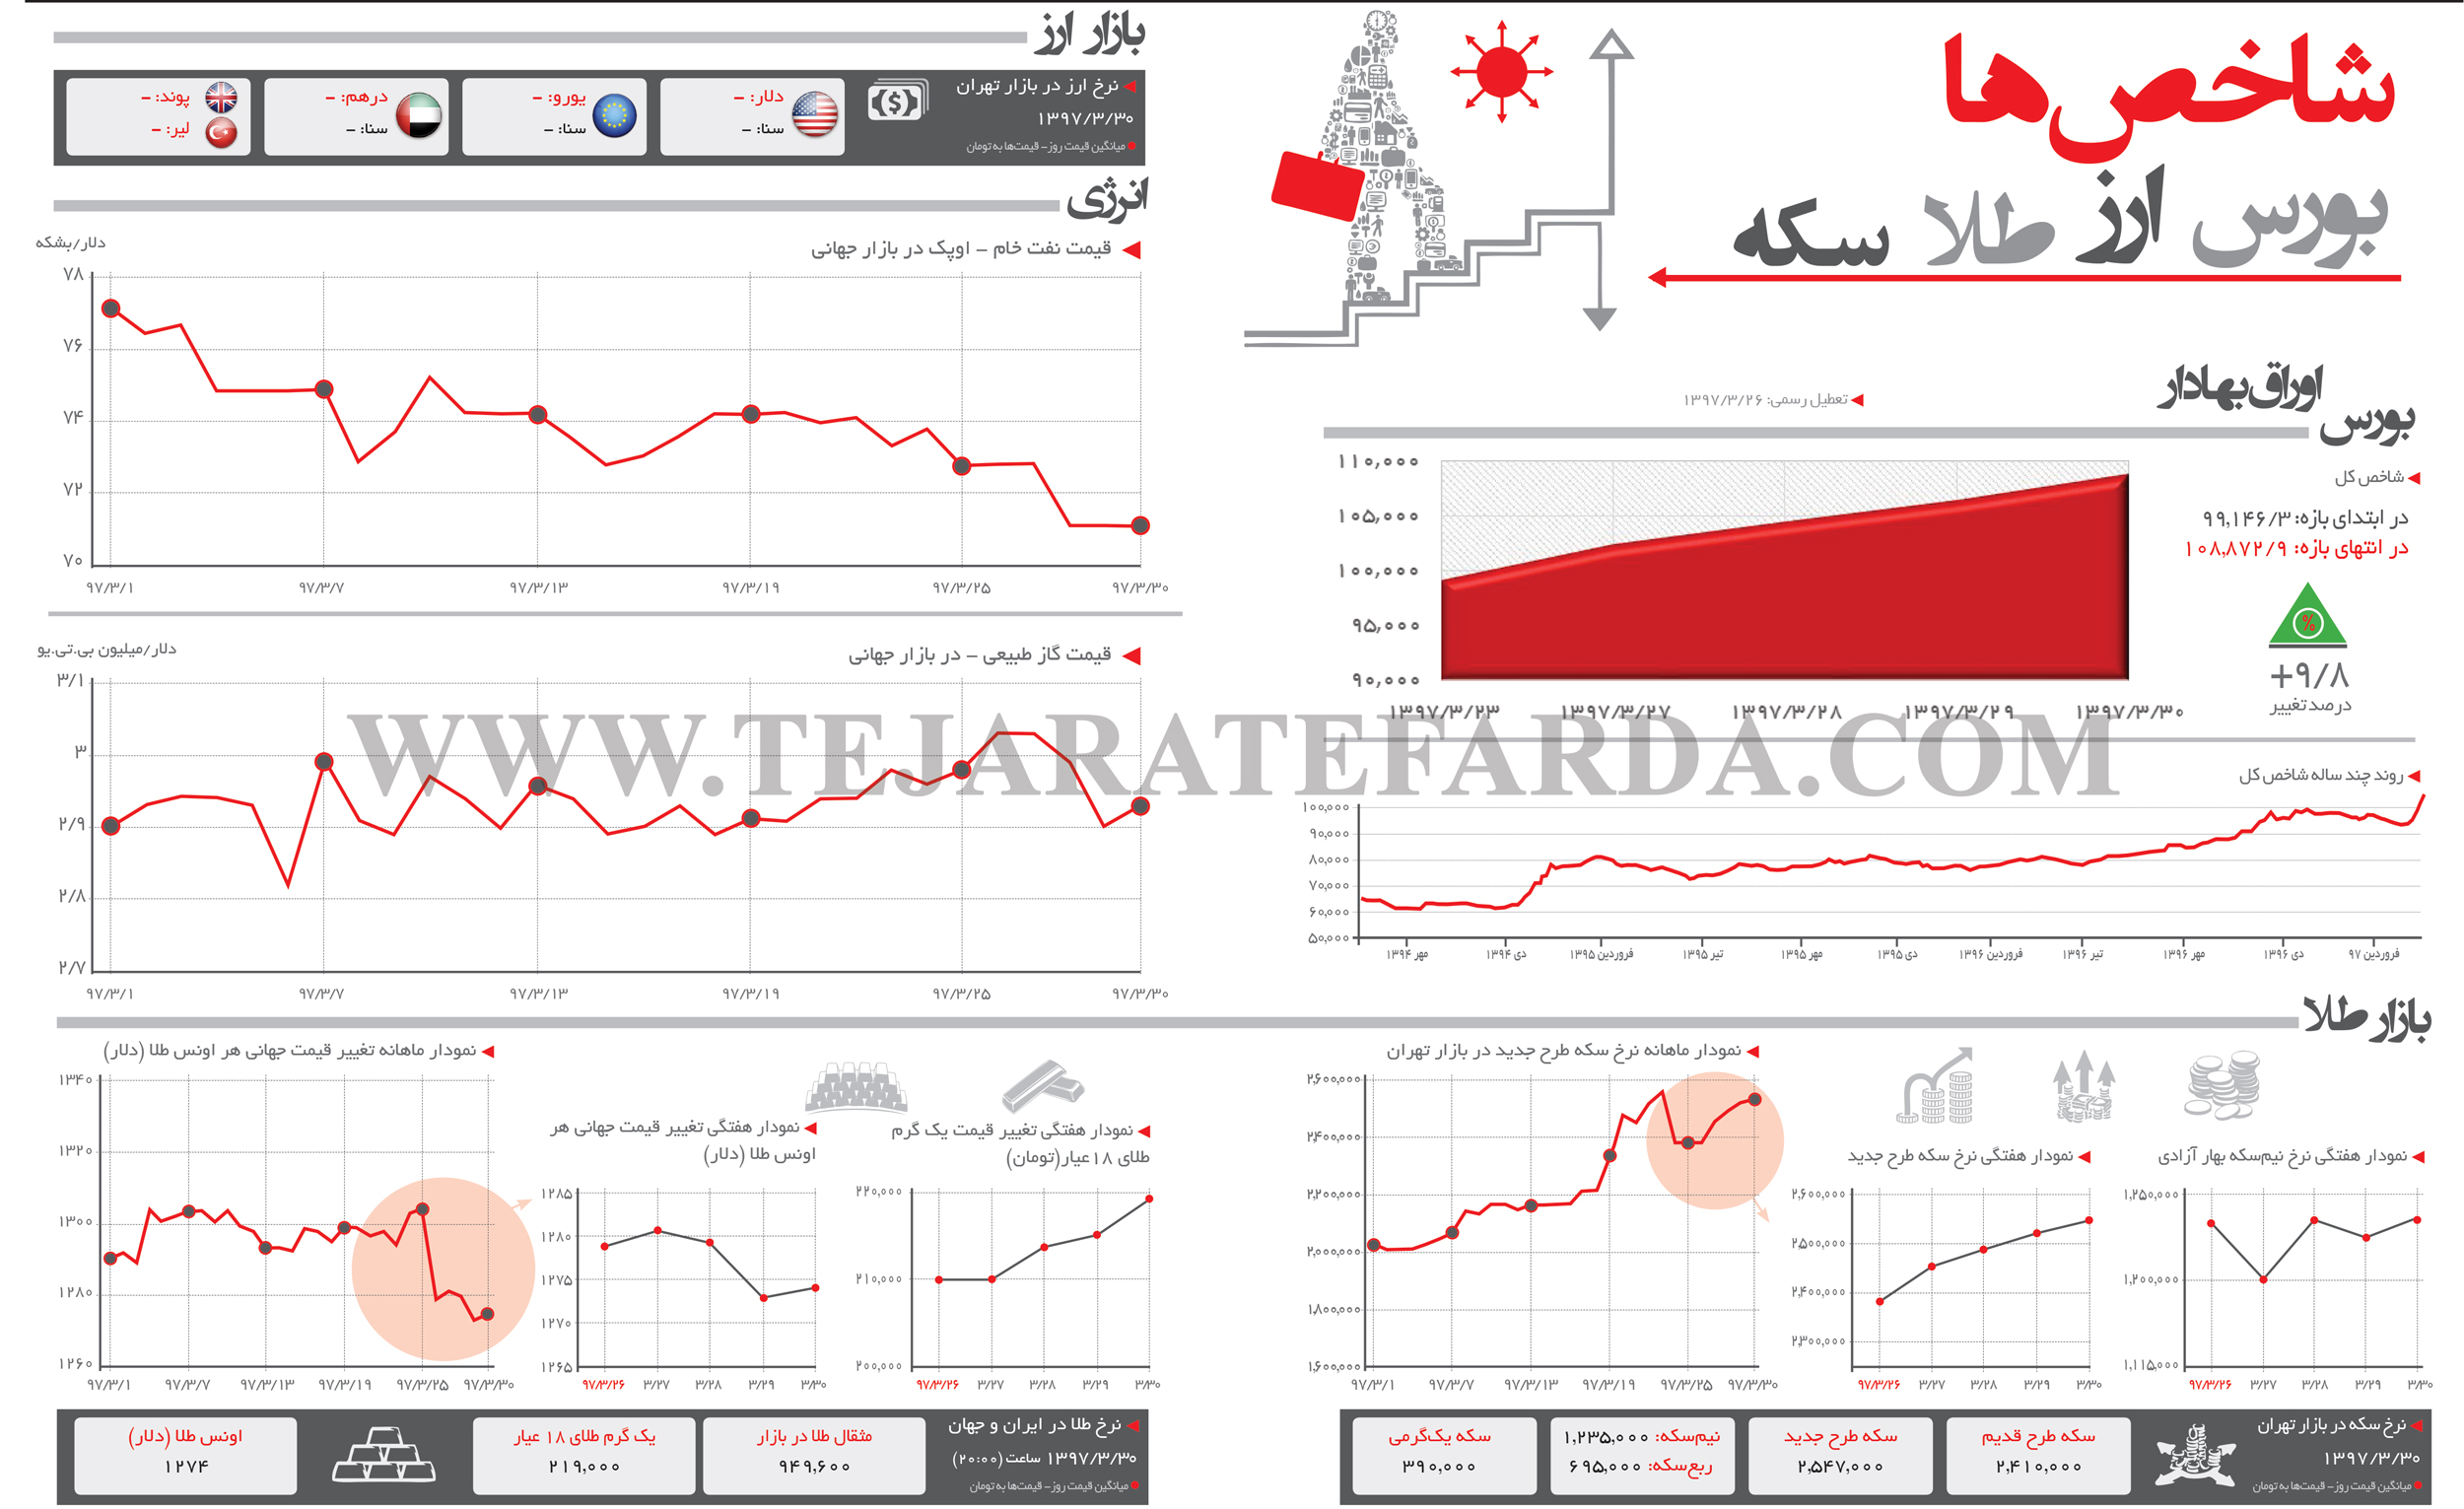 تجارت فردا- اینفوگرافیک- شاخصهای اقتصادی (273)